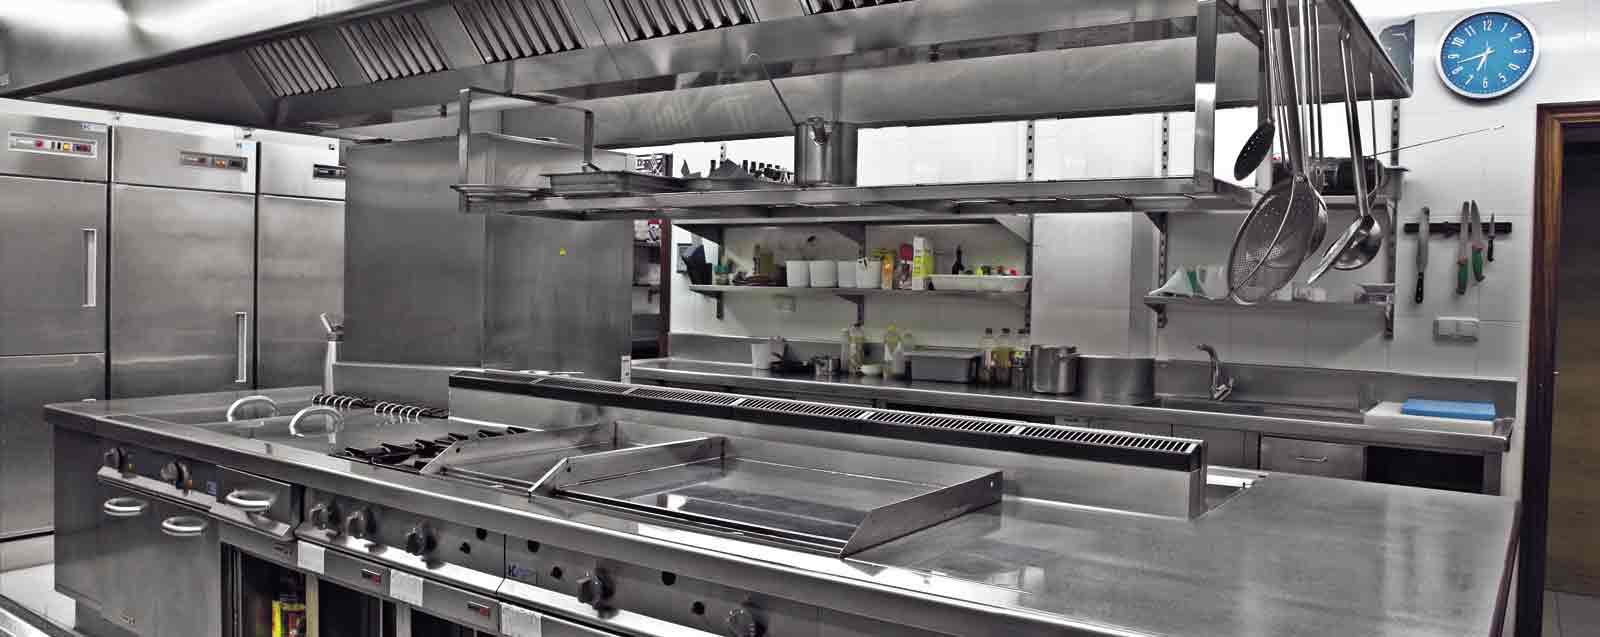 Sociedades Gastronómicas de Hosfrinor Hostelería de Gipuzkoa Donostia San Sebastián